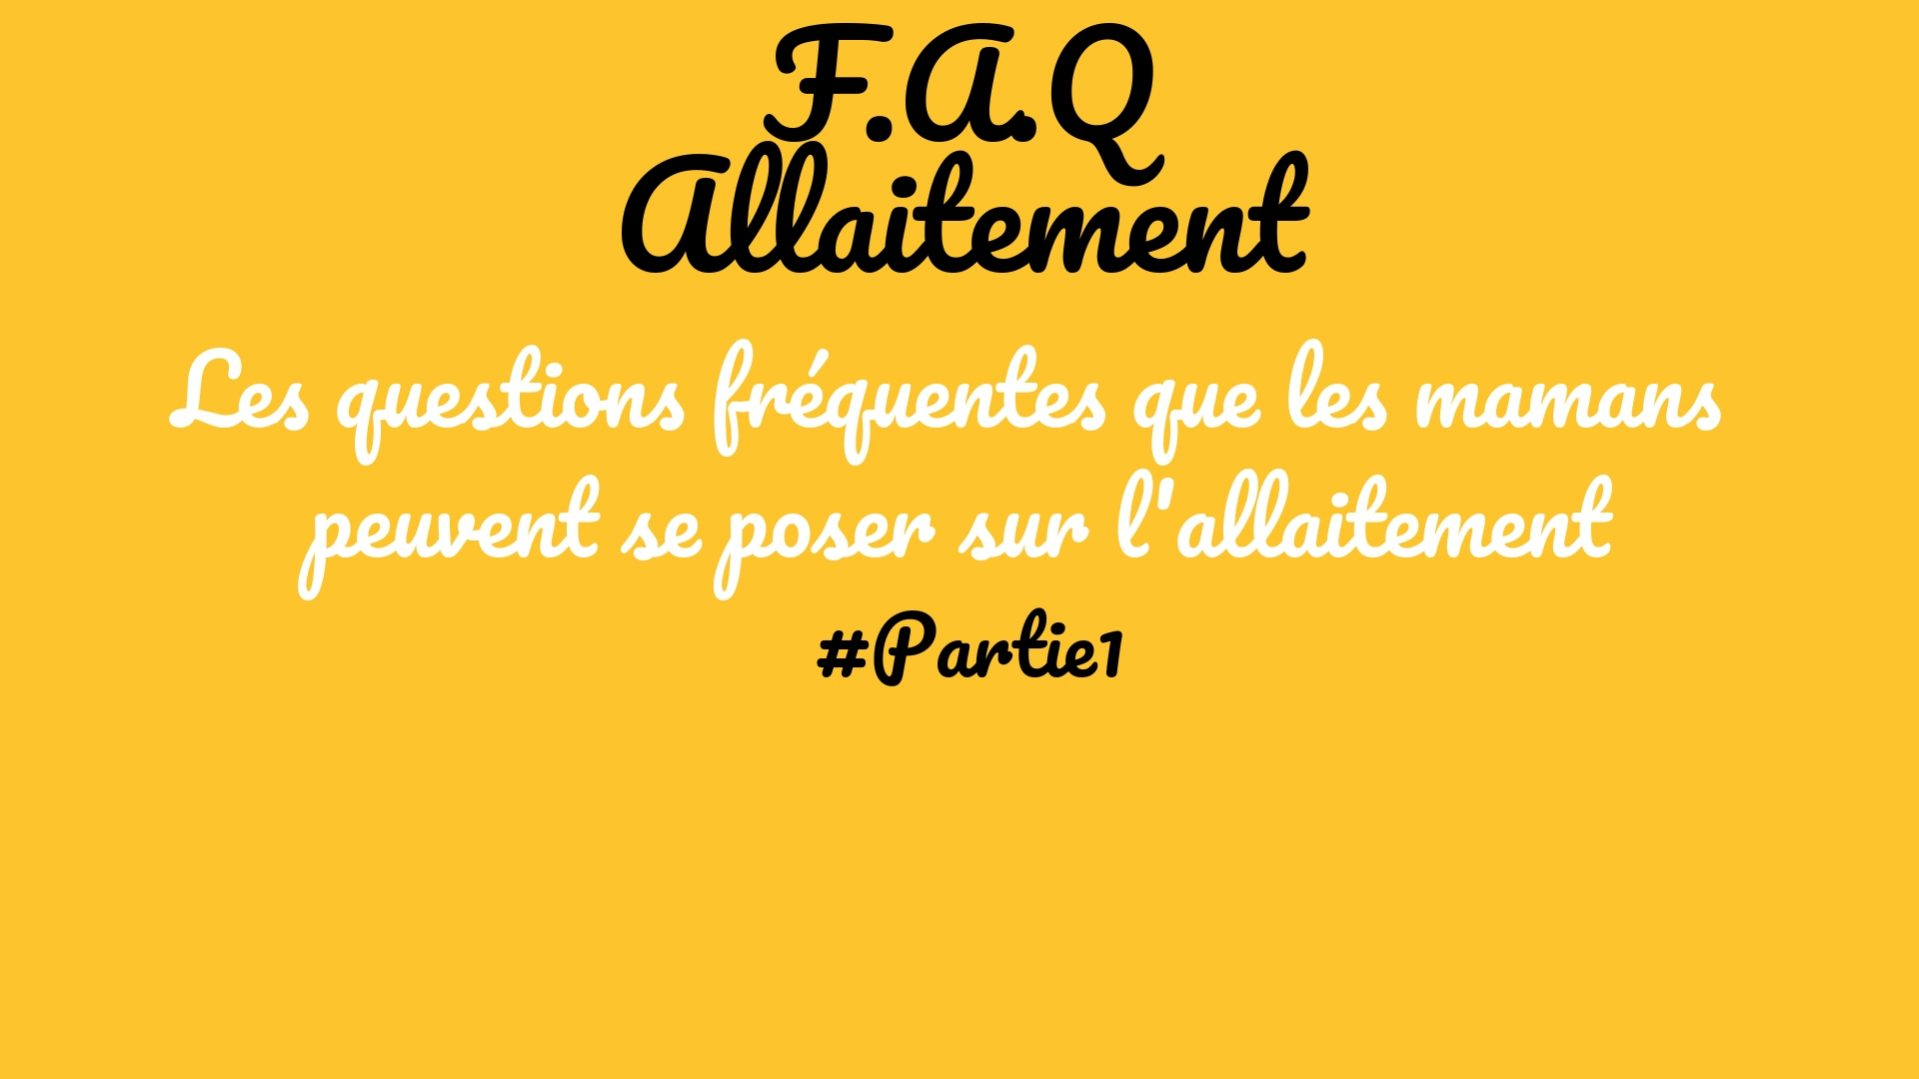 Les questions les plus fréquentes sur l'allaitement #Partie1